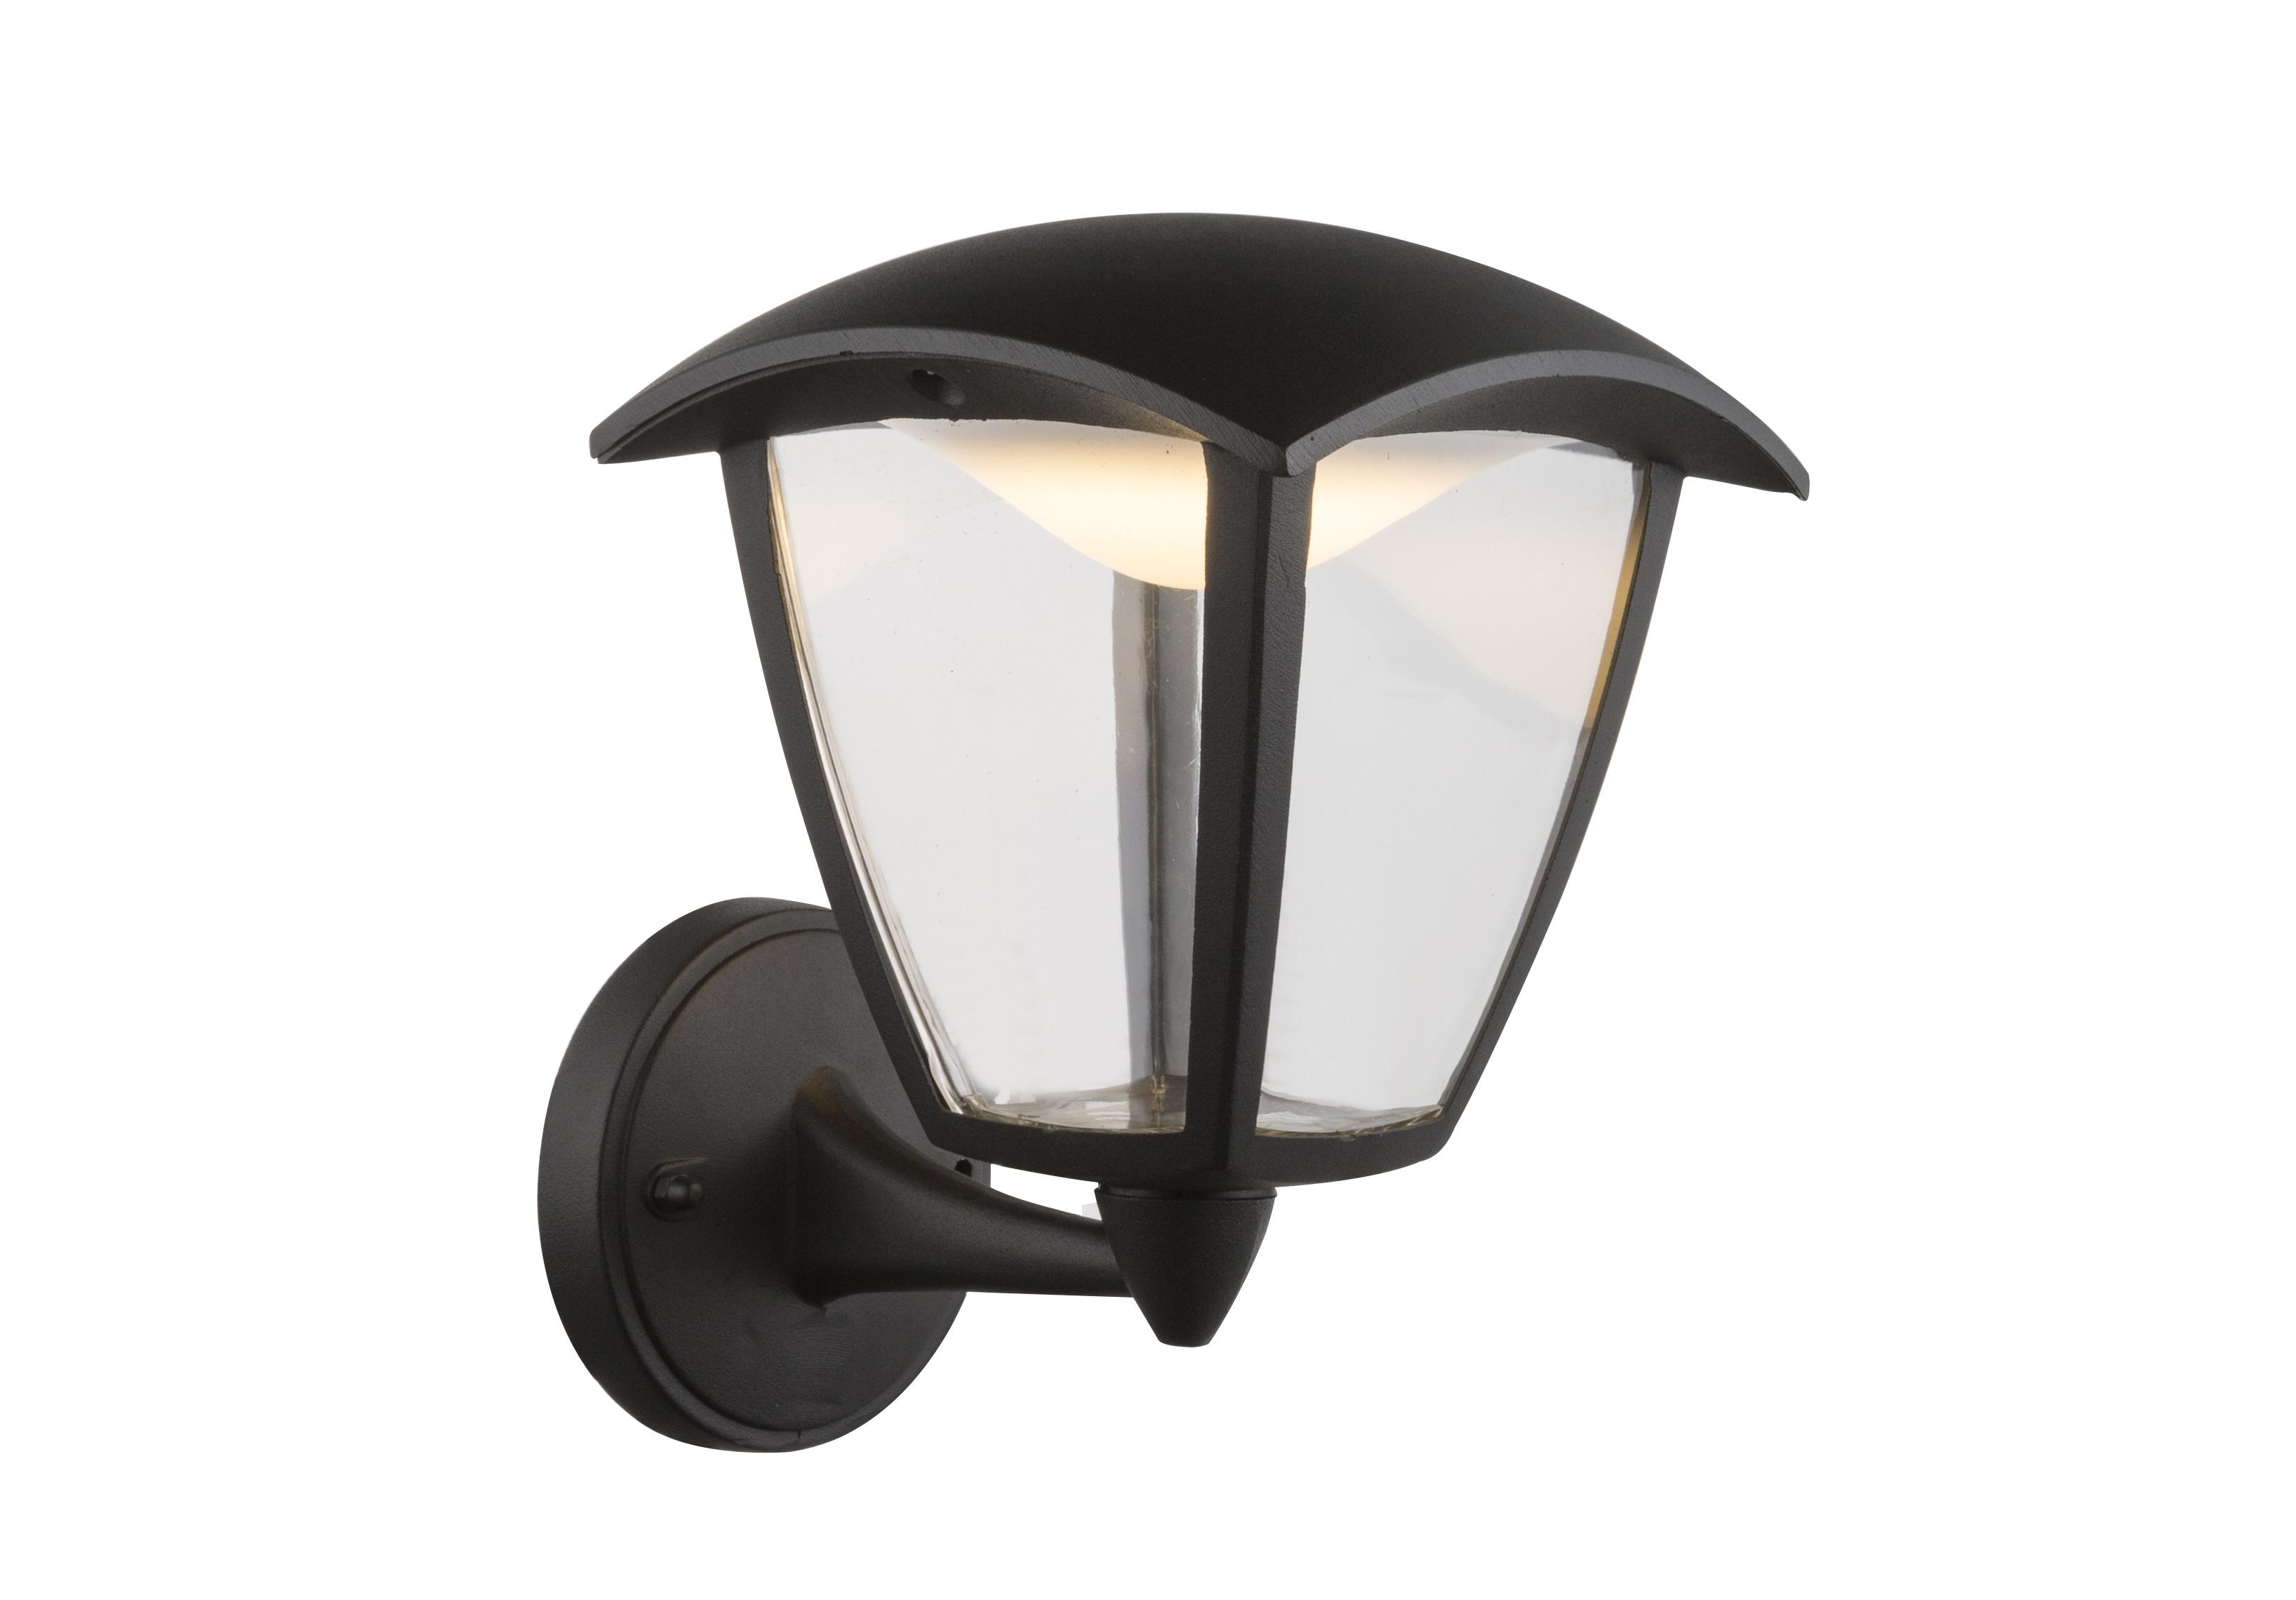 Светильник уличныйУличные настенные светильники<br>&amp;lt;div&amp;gt;Тип цоколя: LED&amp;lt;/div&amp;gt;&amp;lt;div&amp;gt;Мощность: 7W&amp;lt;/div&amp;gt;&amp;lt;div&amp;gt;Кол-во ламп: 1 (в комплекте)&amp;lt;/div&amp;gt;<br><br>Material: Металл<br>Length см: None<br>Width см: 16,2<br>Depth см: 19,4<br>Height см: 23,2<br>Diameter см: None